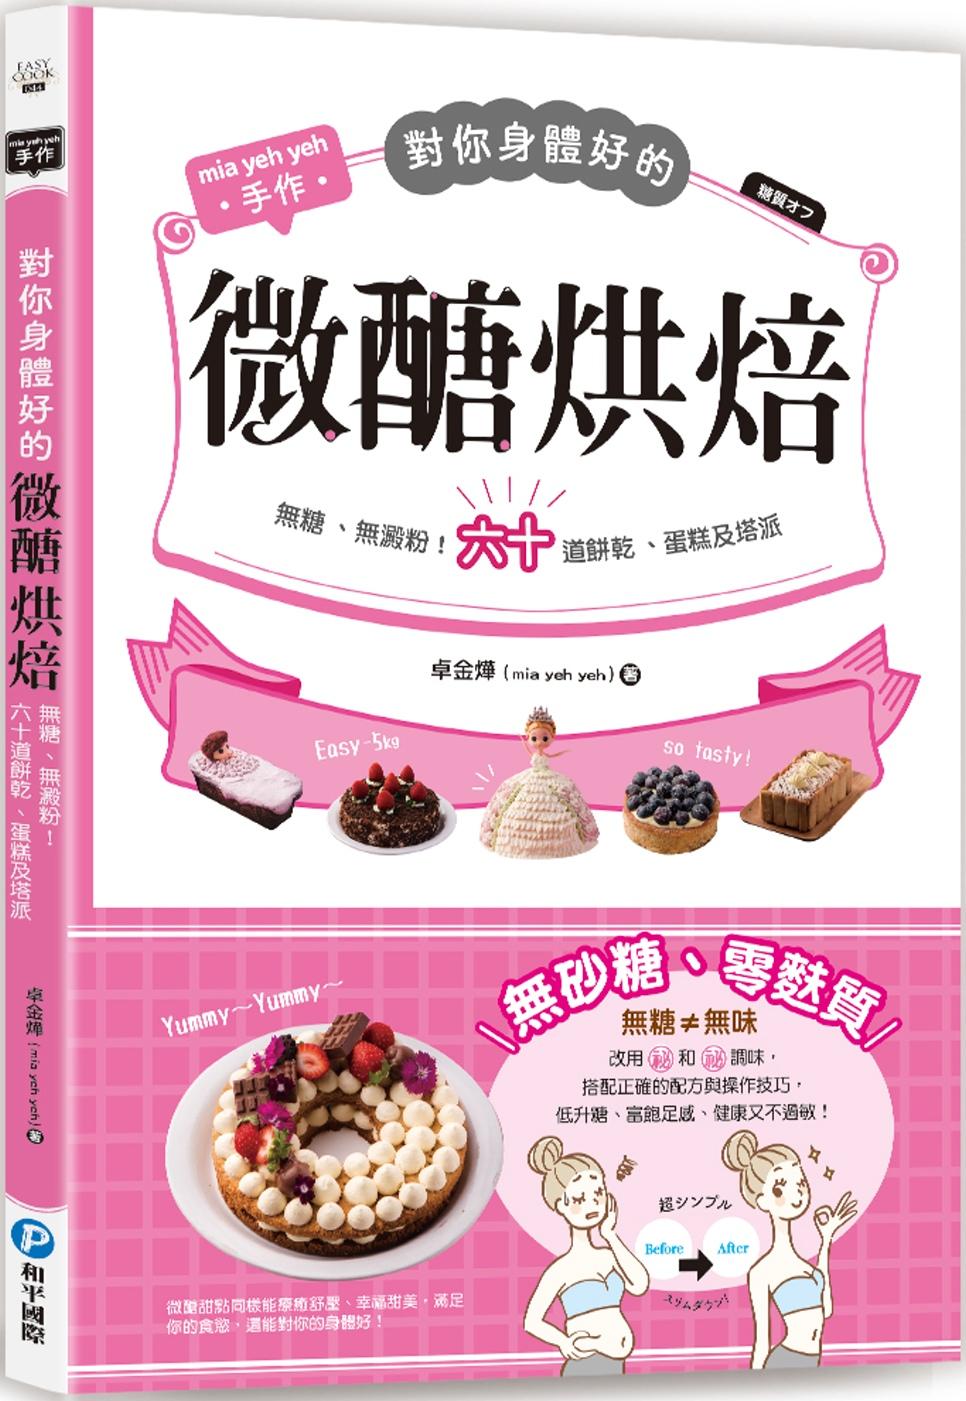 對你身體好的微醣烘焙(博客來獨家,首刷限量加贈鑽石鹽與優質刮刀):無糖、無澱粉!六十道餅乾、蛋糕及塔派